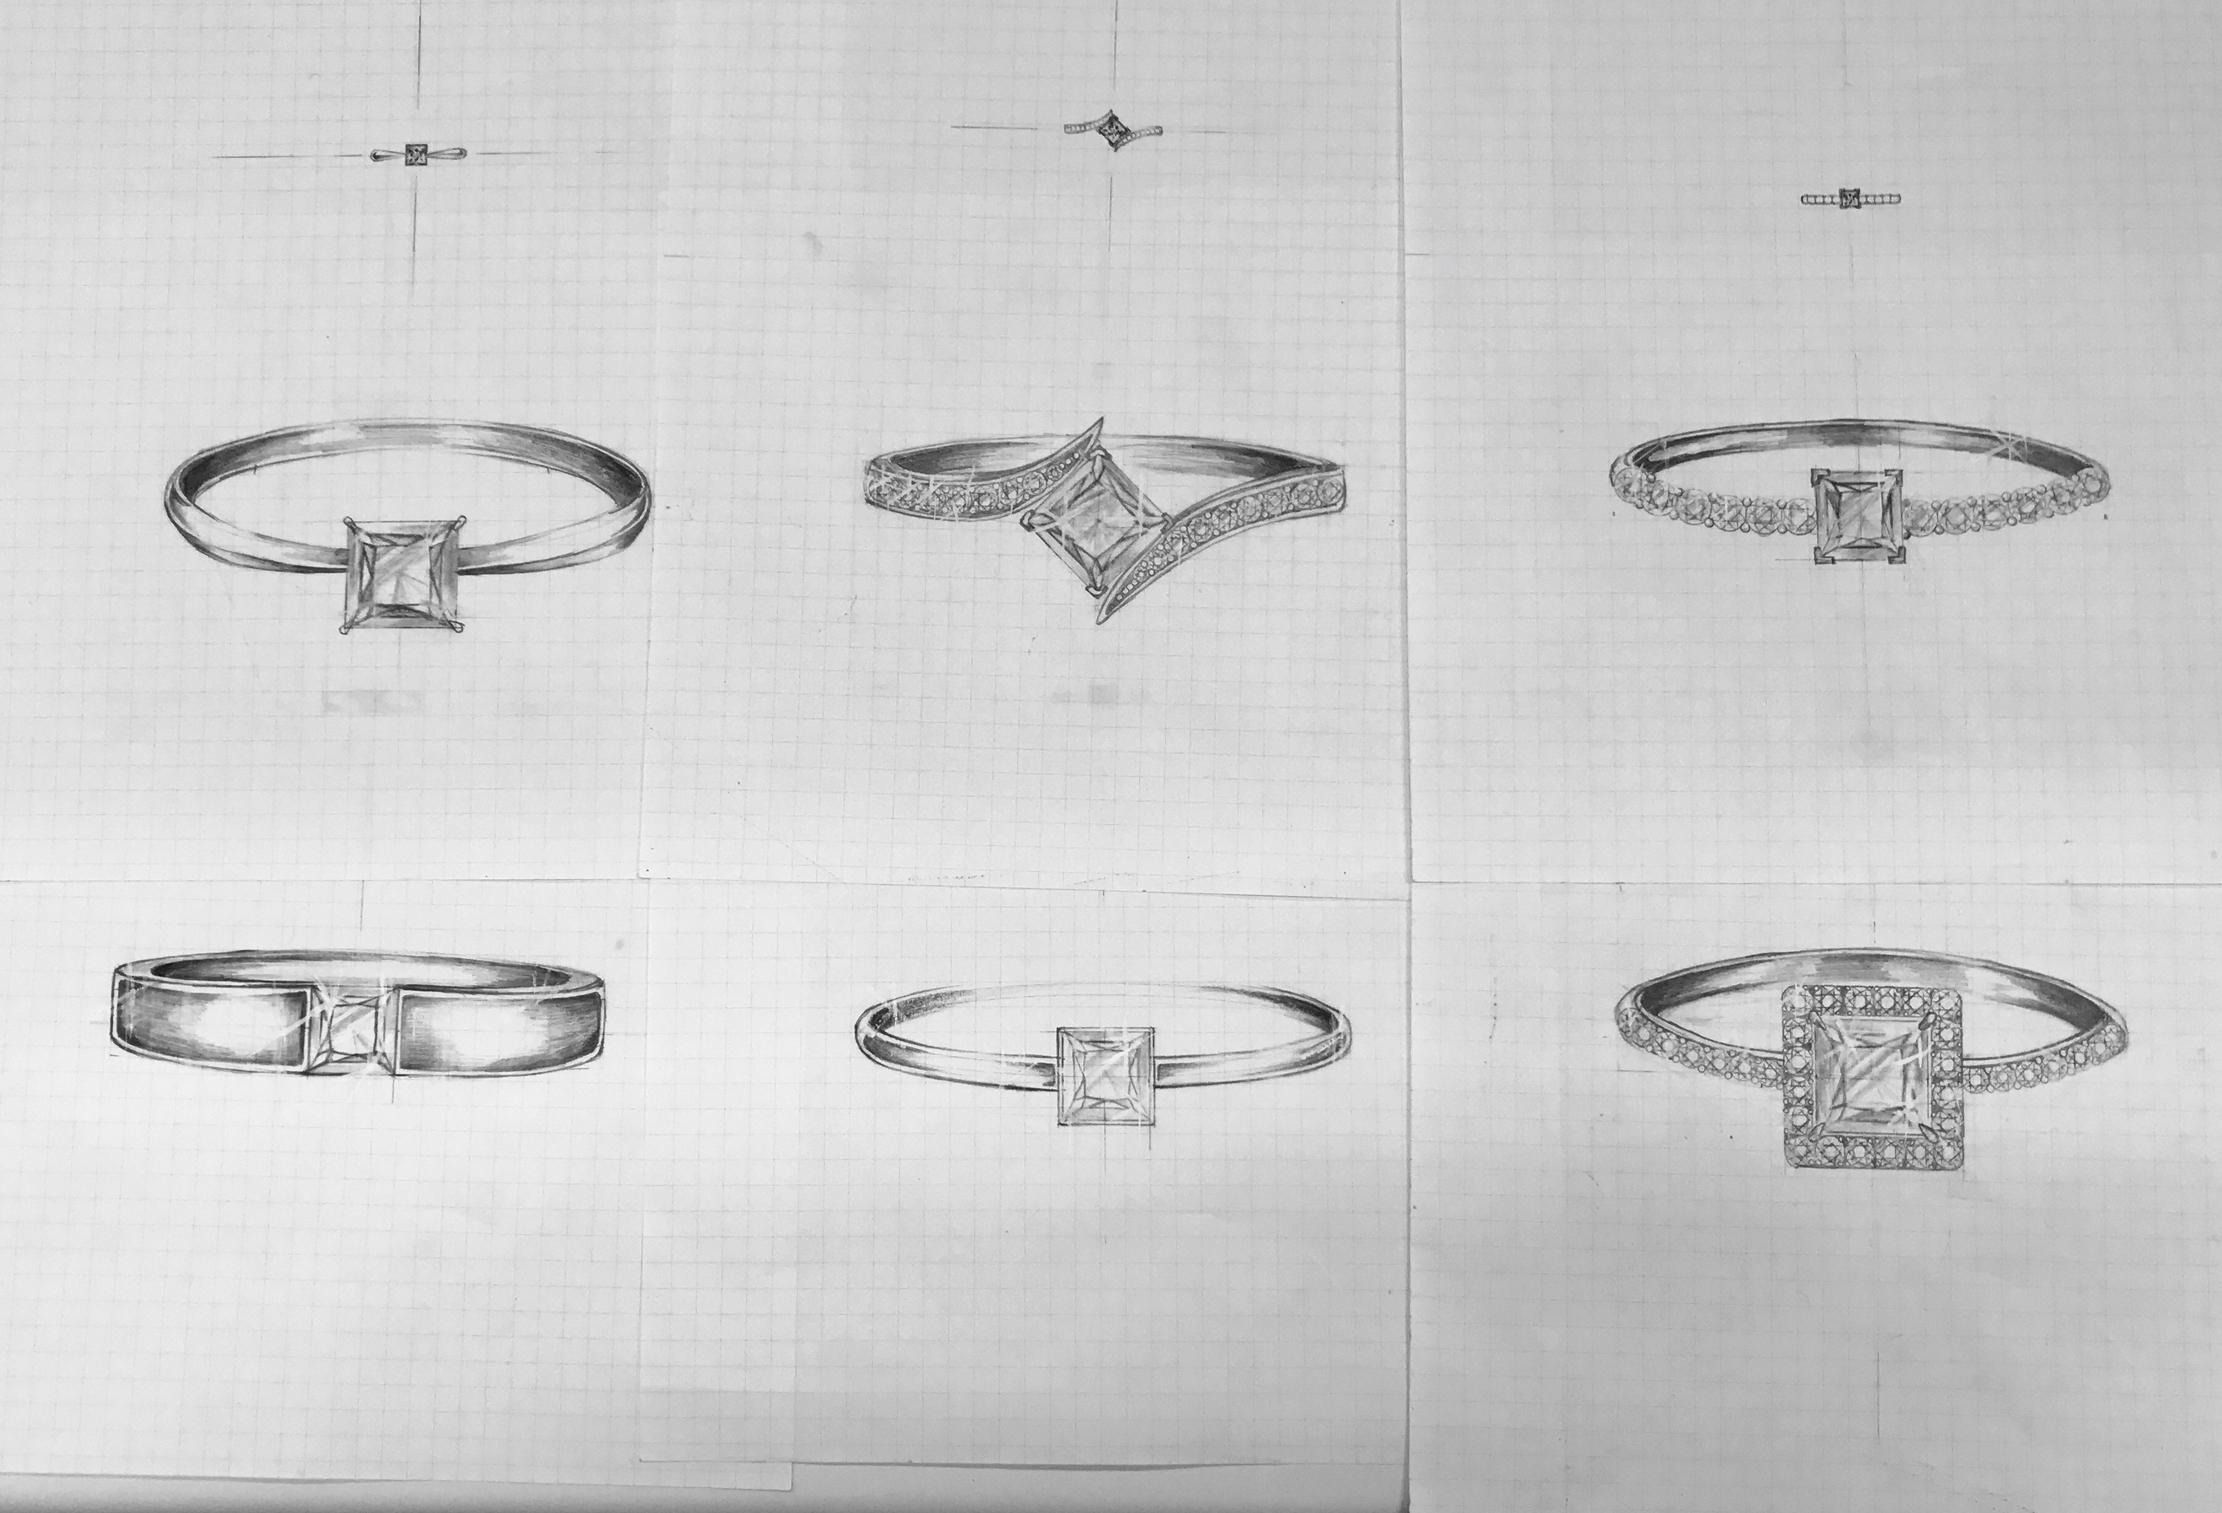 【浜松・浜松市】世界にひとつだけ オーダーメイドの婚約指輪・結婚指輪 主役のダイヤモンド 気品あふれる「プリンセスカット」に注目